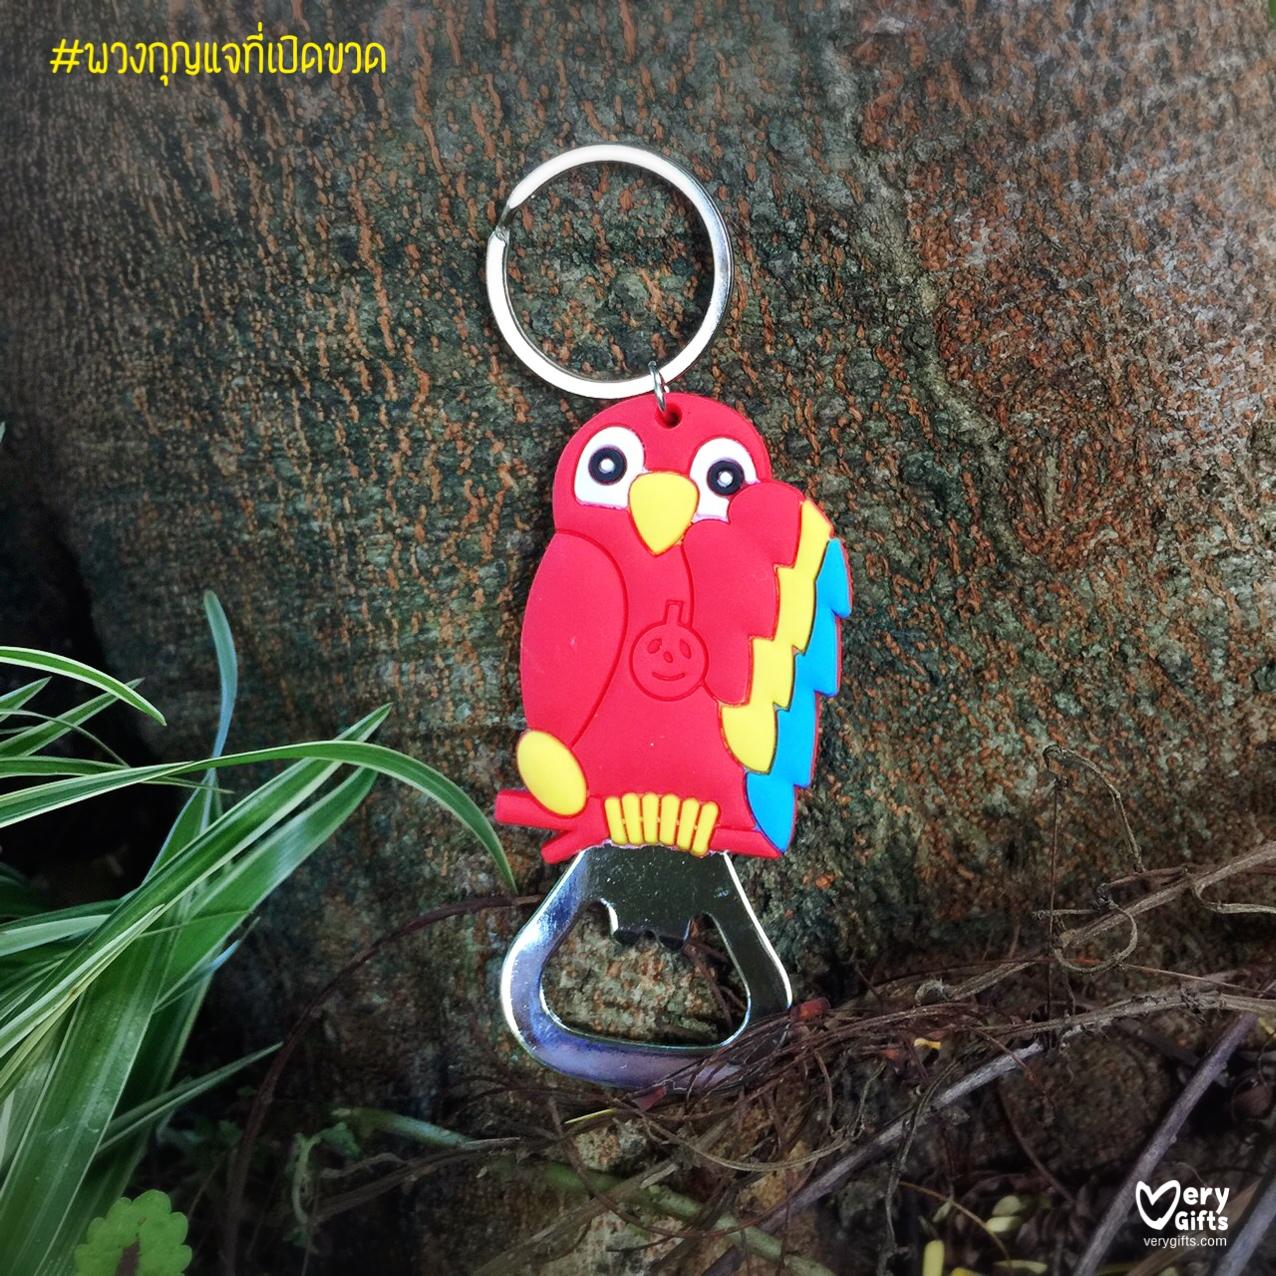 พวงกุญแจที่เปิดขวด นกแก้ว